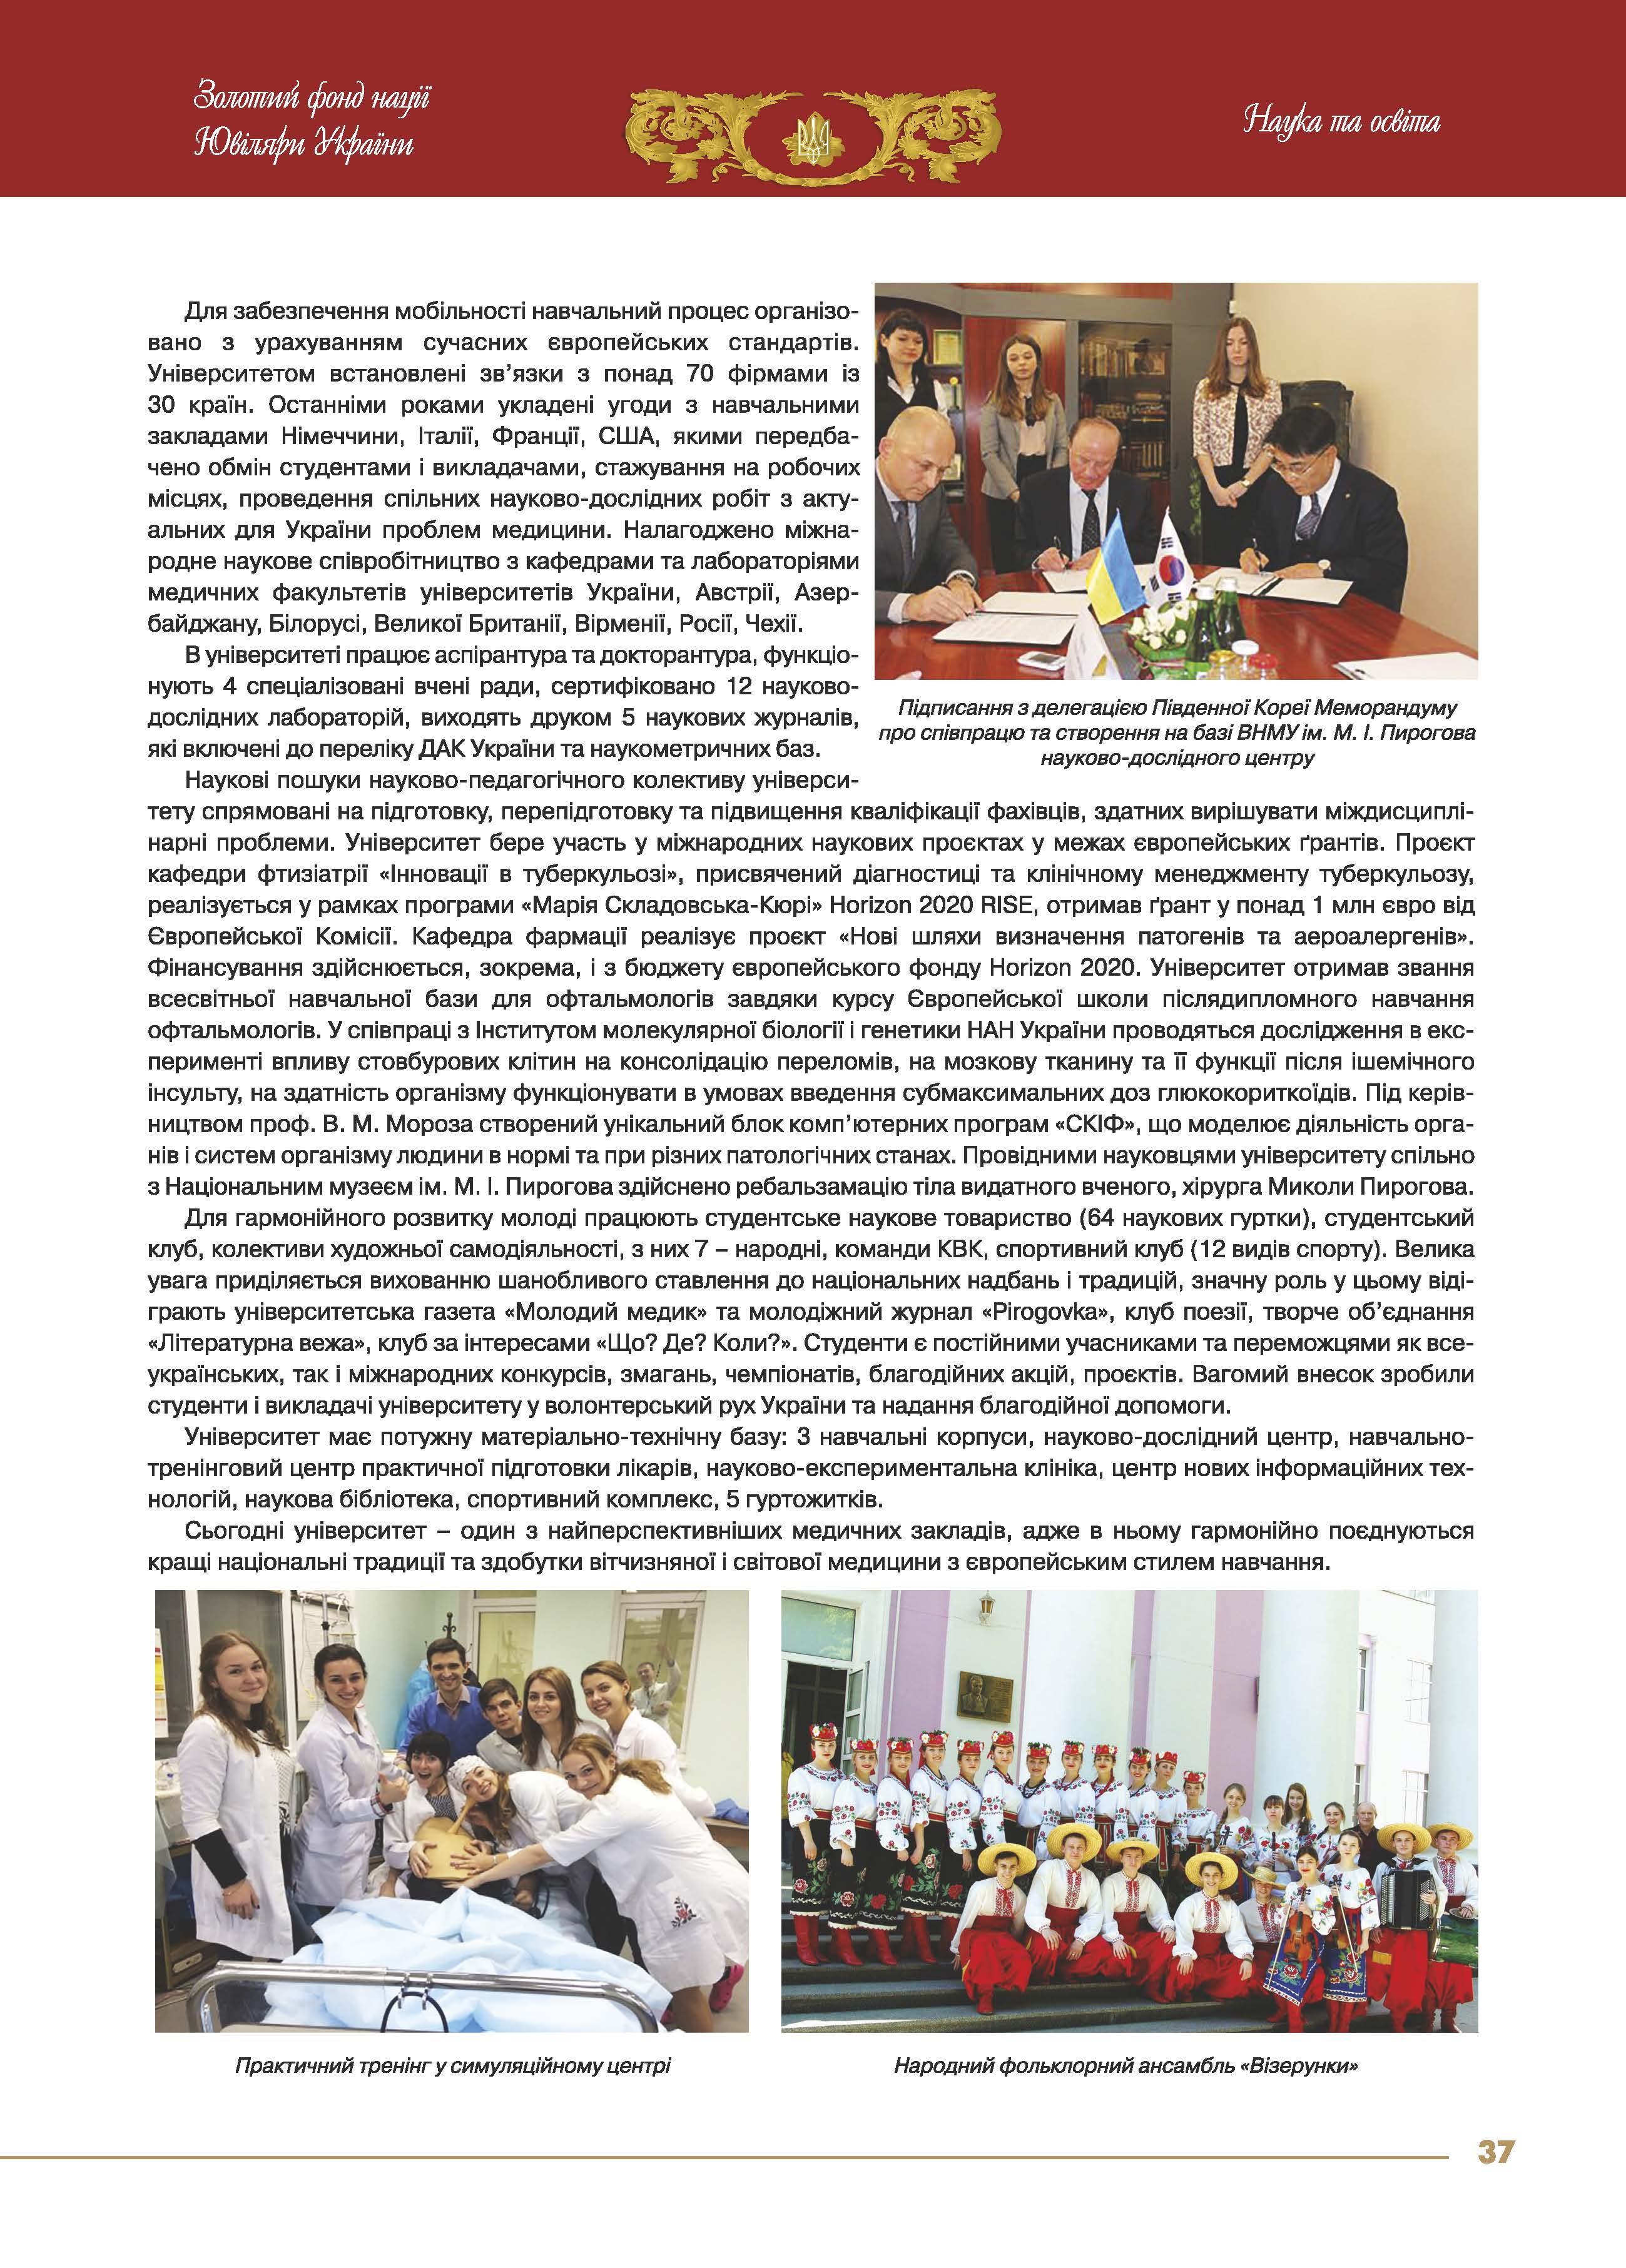 Вінницький національний медичний університет ім. М. І. Пирогова - Мороз Василь Максимович